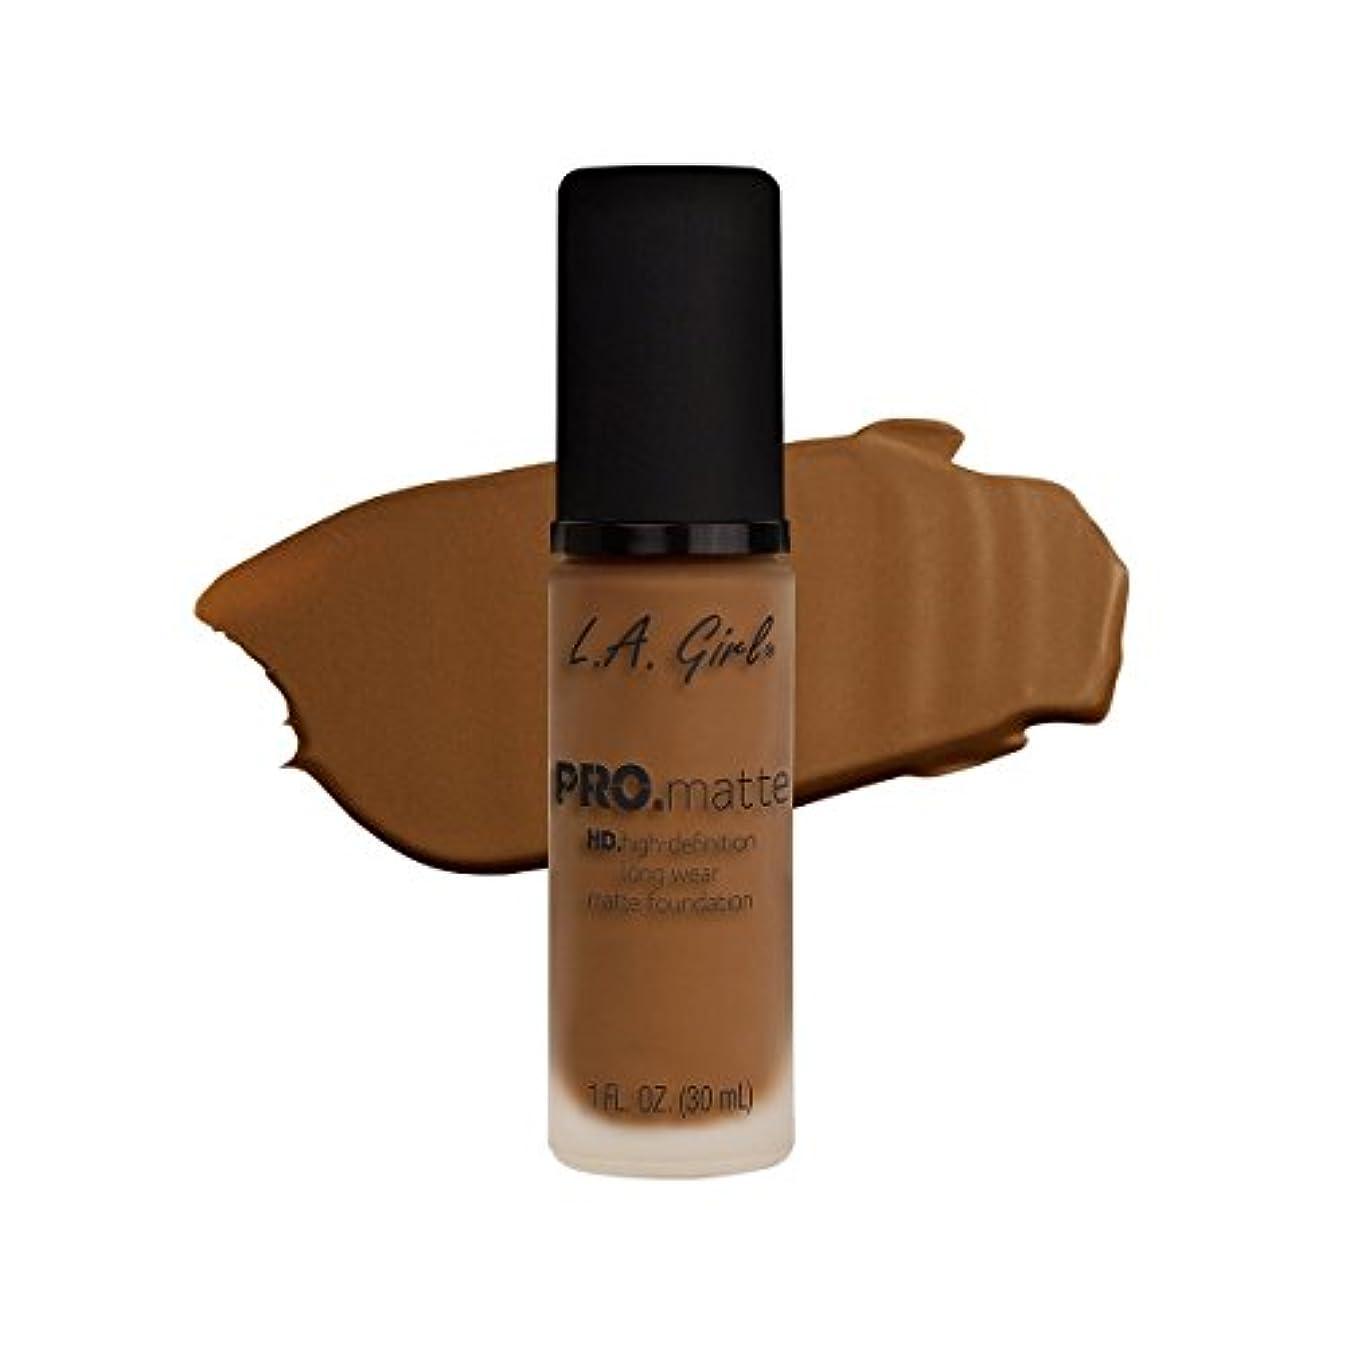 スカーフ言及する筋(3 Pack) L.A. GIRL Pro Matte Foundation - Nutmeg (並行輸入品)